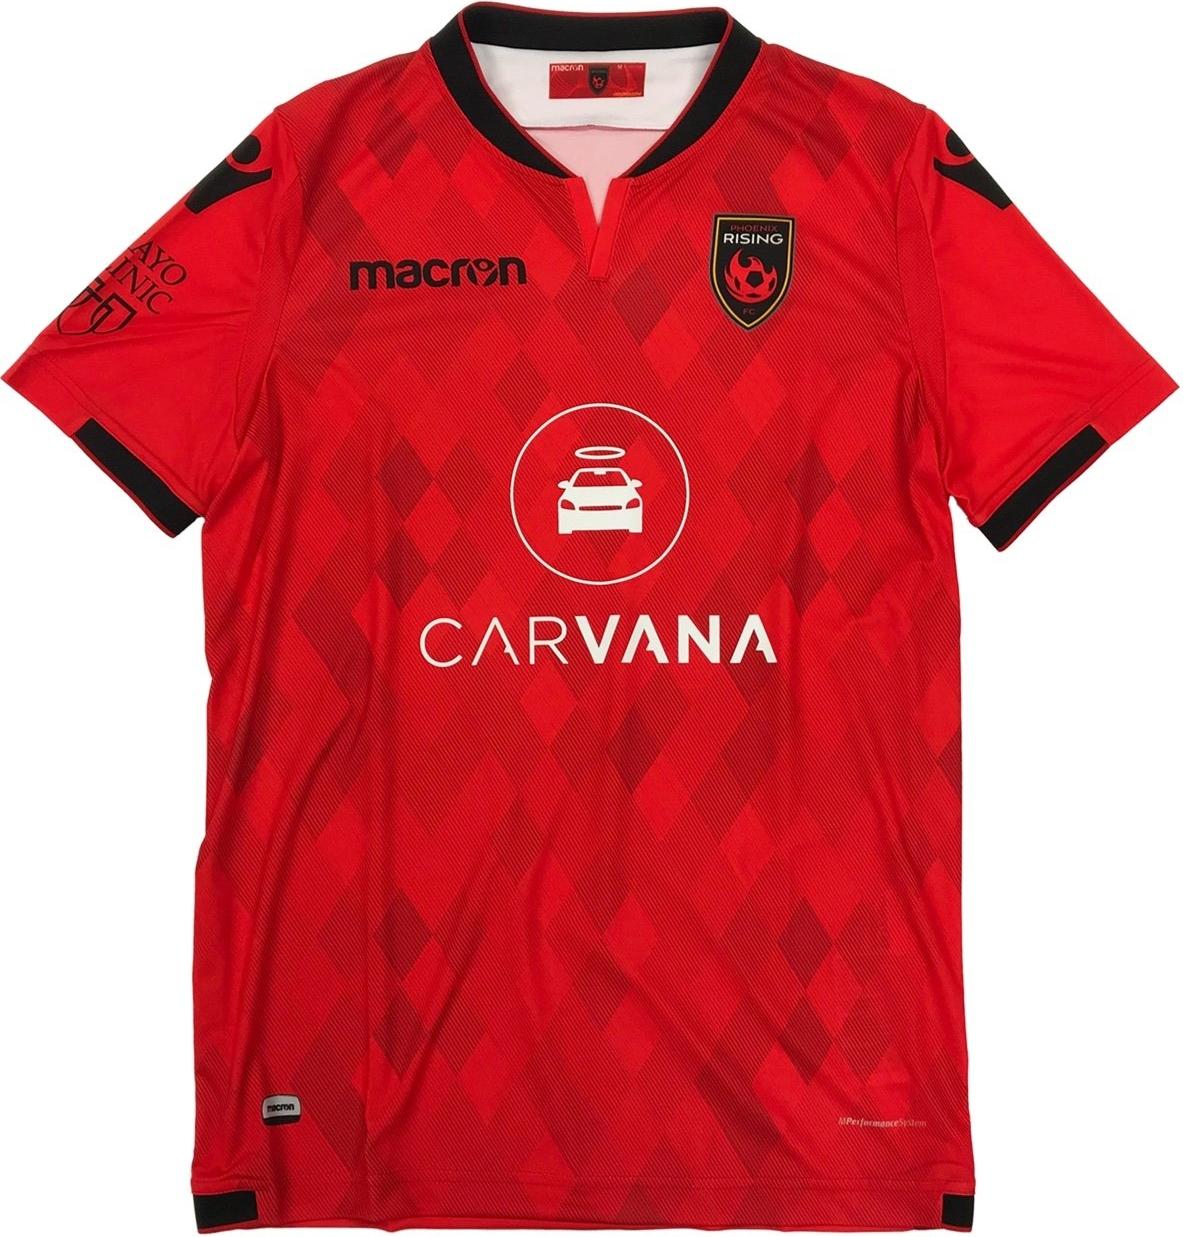 c4a89603d2 O modelo titular é predominantemente vermelho com losangos espalhados pela  camisa em tons mais escuros. A cor preta aparece na gola e nos punhos.